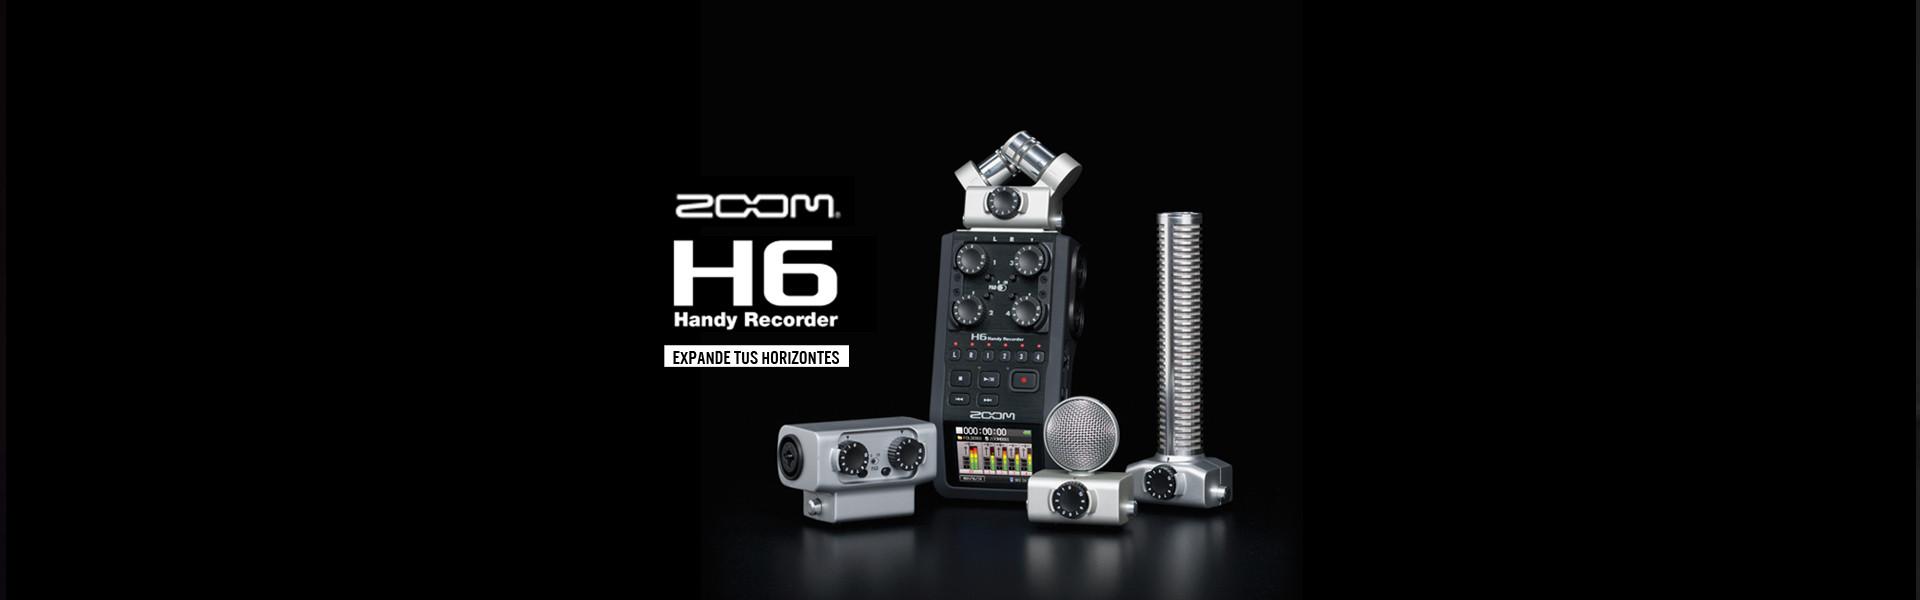 h6 grabadora slide 2